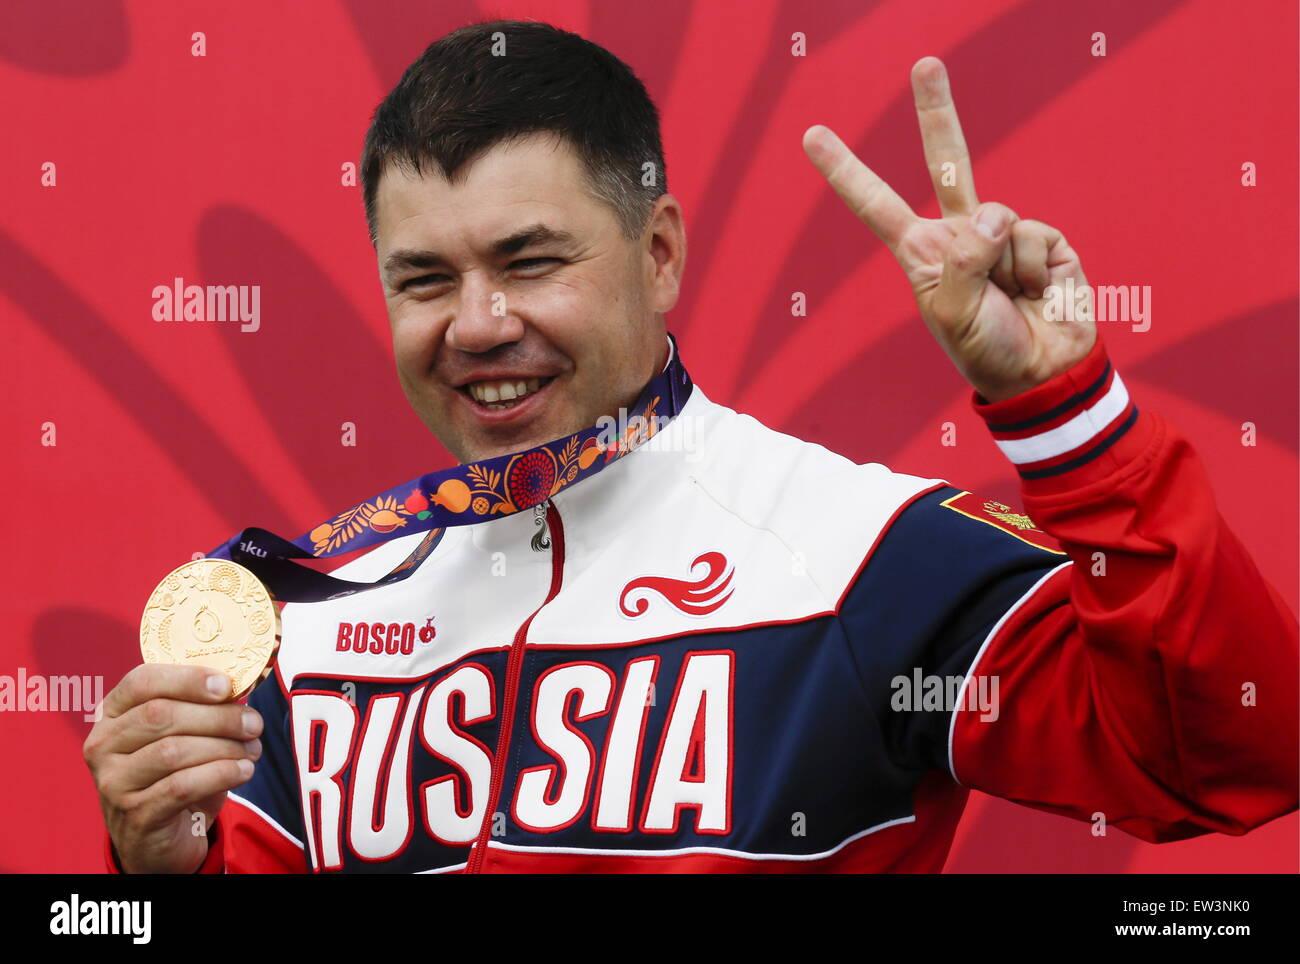 Baku, Aserbaidschan. 17. Juni 2015. Goldmedaillengewinner, Russlands Alexey Alipov bei einer feierlichen Preisverleihung Stockbild